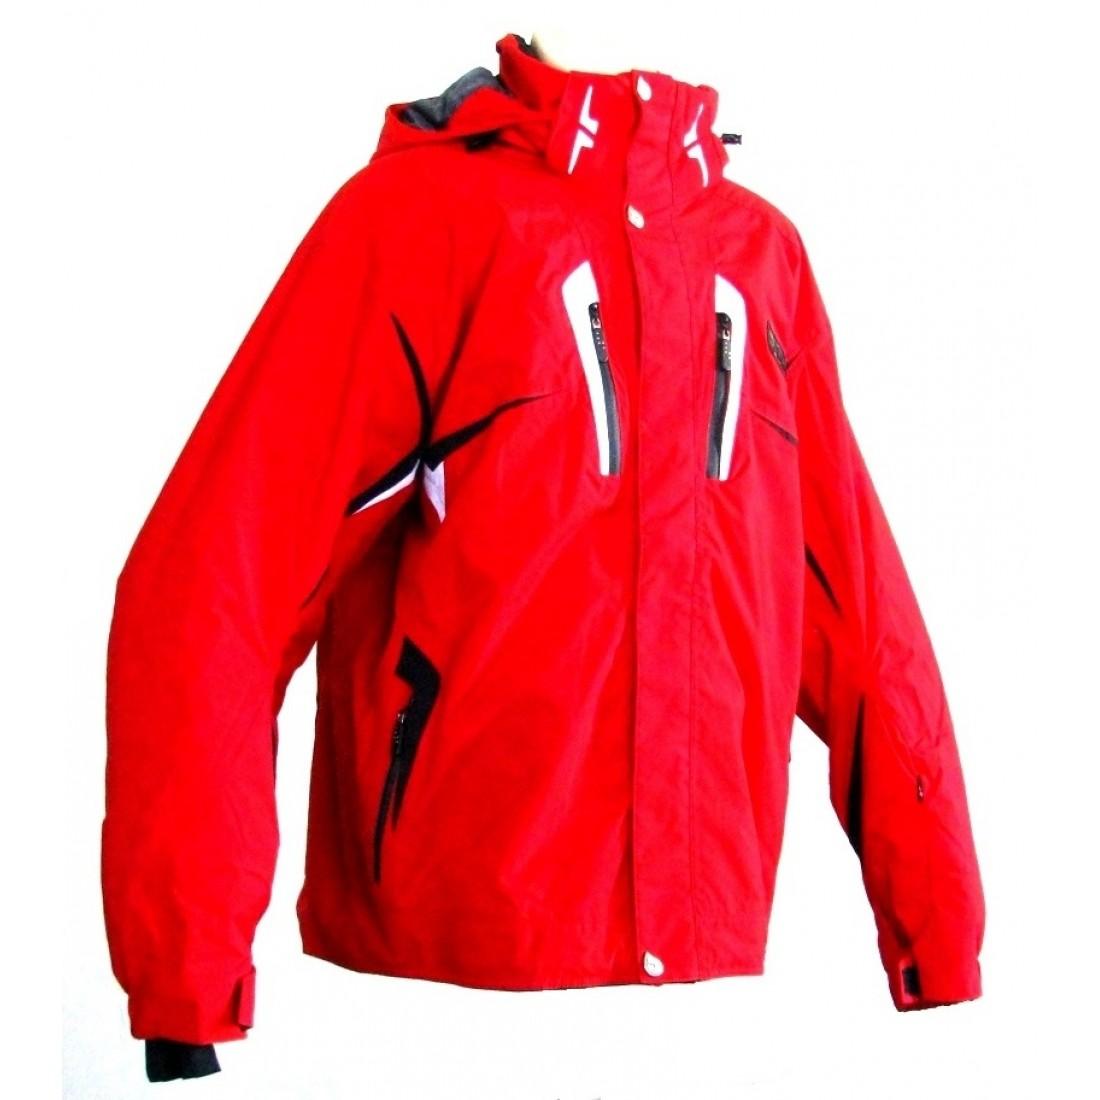 225a302c60b 17054 D Мъжко ски яке - DIEL SPORT ДИЕЛ СПОРТ колекция ULTRA DERMIZAX 20000  мм воден стълб червено